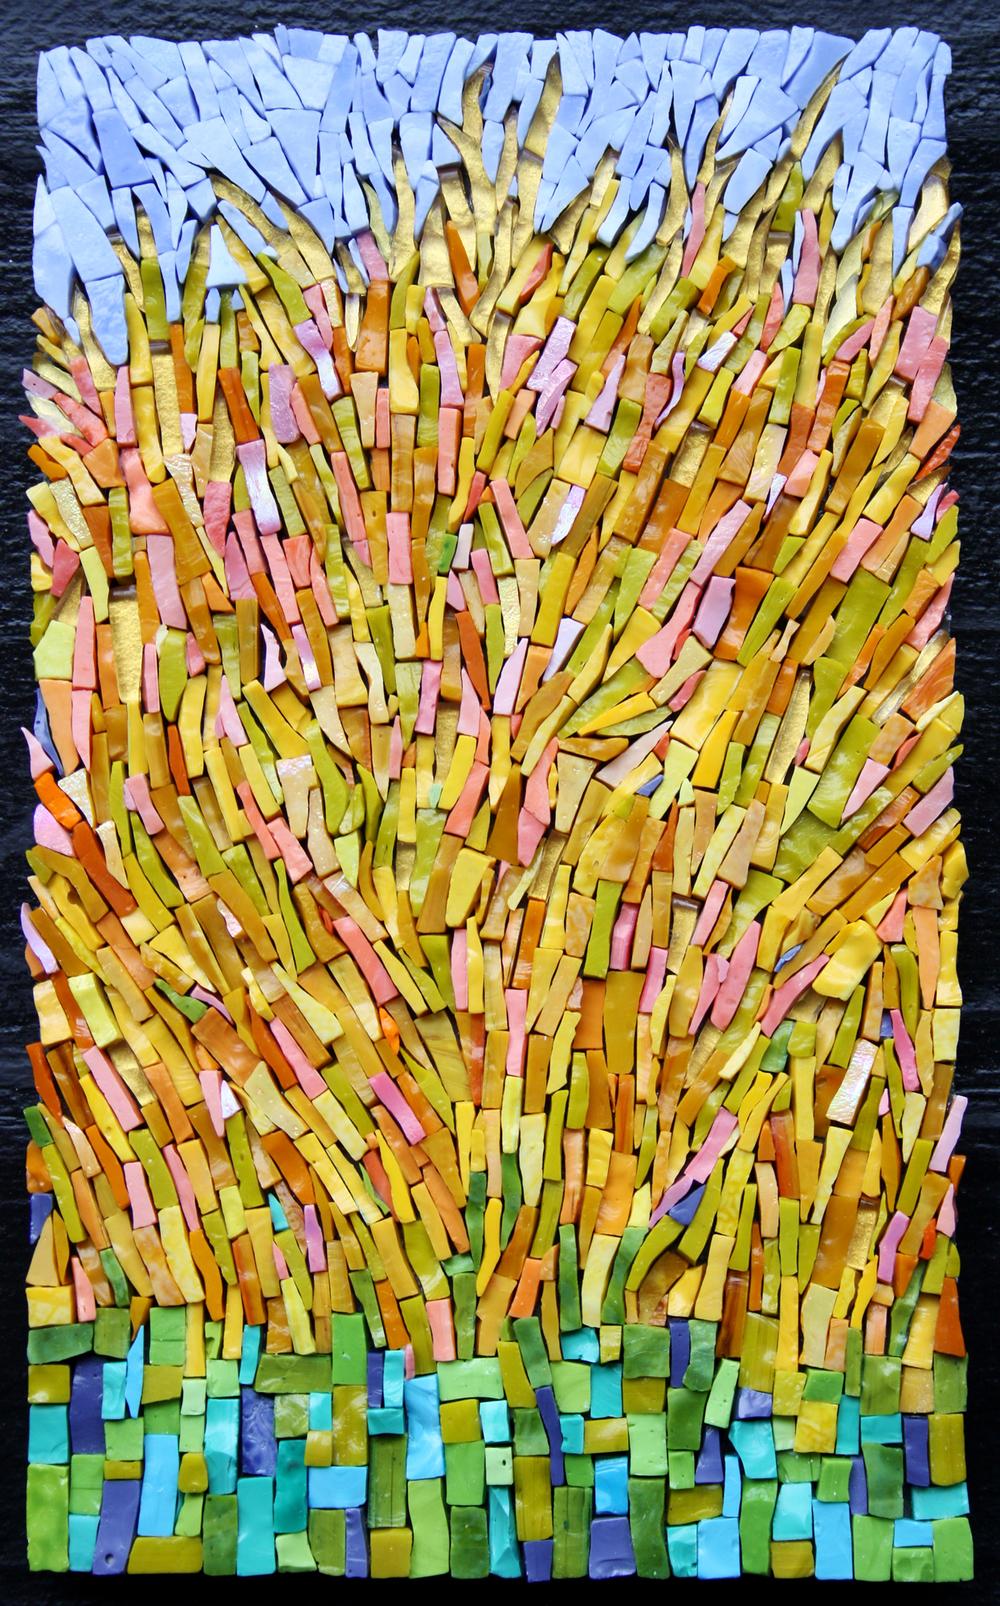 Haystacks (After Van Gogh)